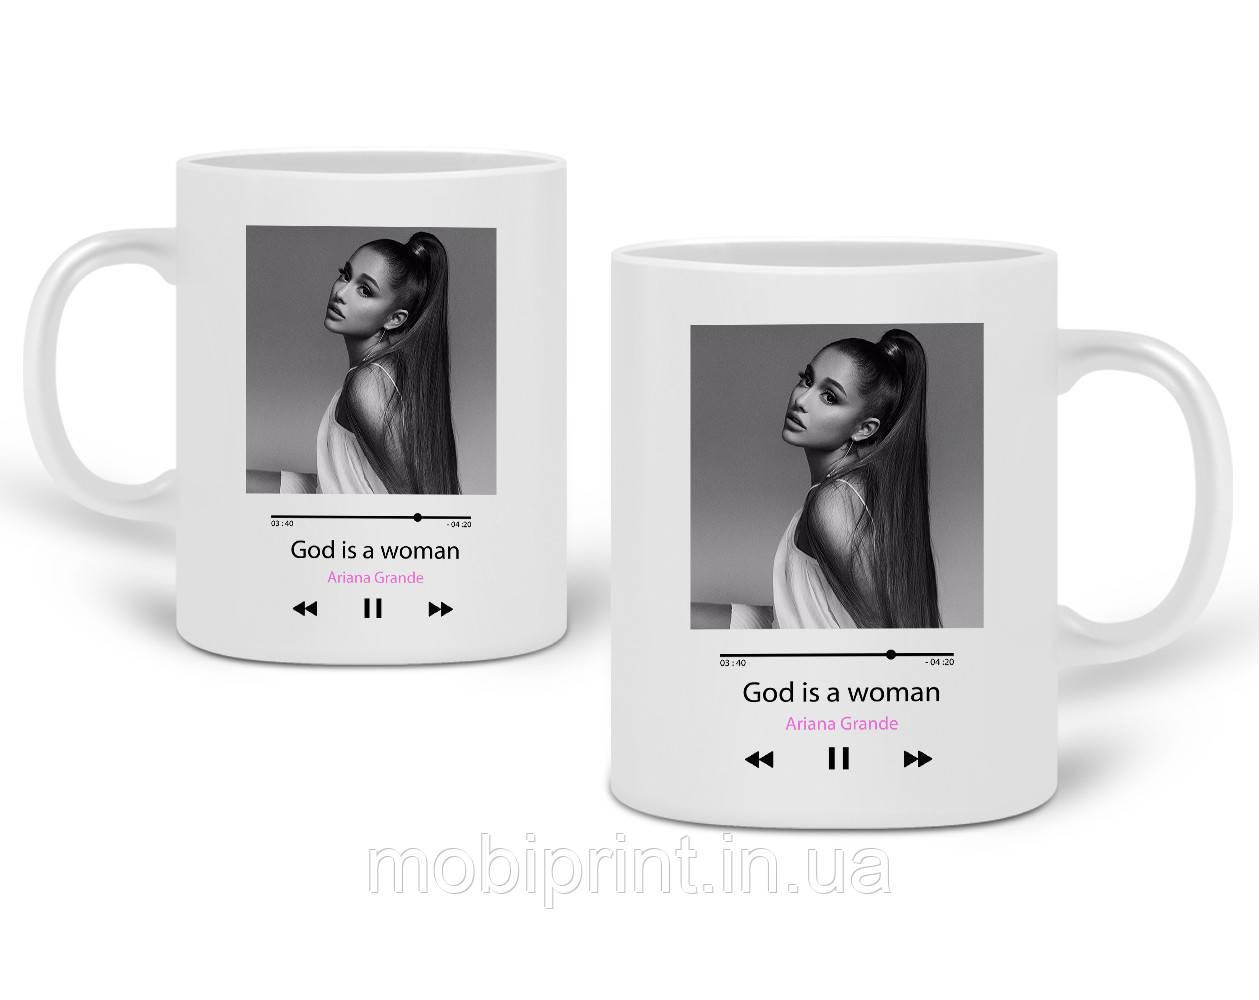 Кружка Ариана Гранде (Ariana Grande) 330 мл Чашка Керамическая (20259-1624)